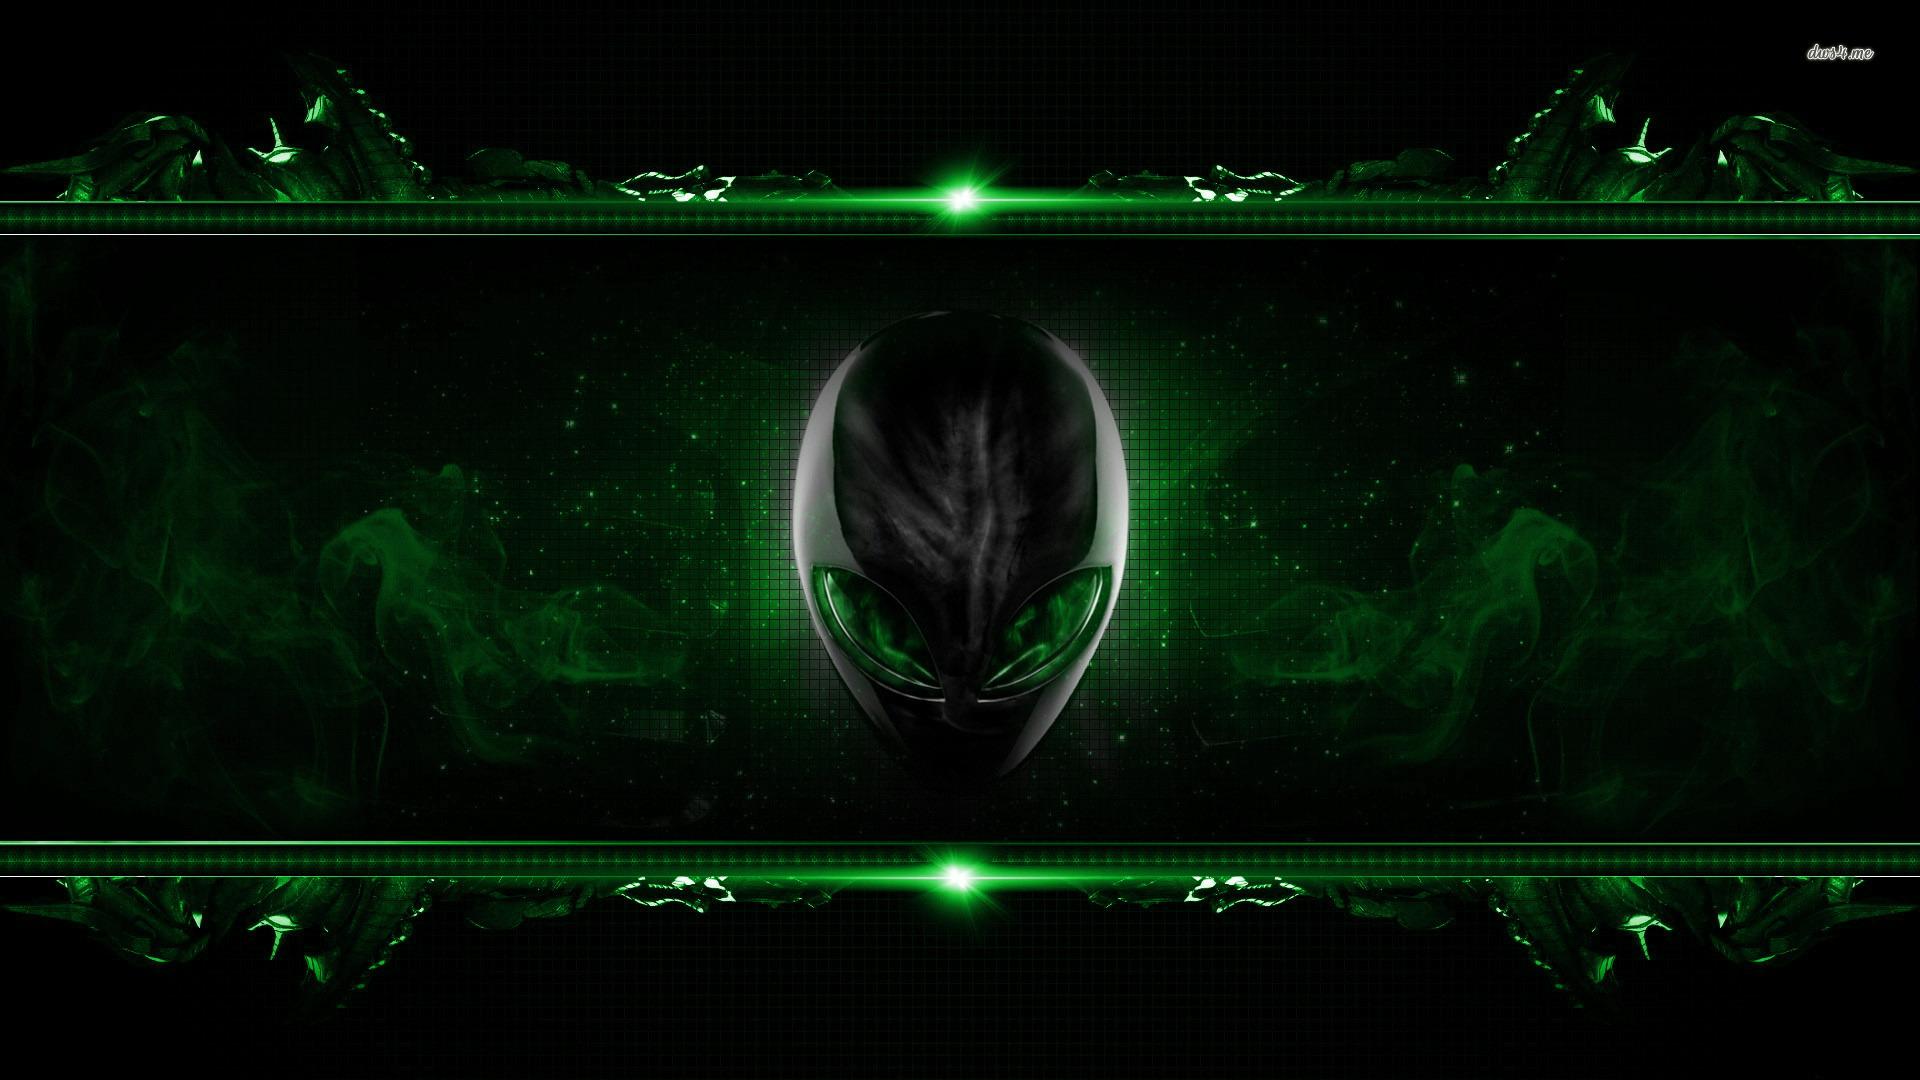 alienware Computer Wallpapers Desktop Backgrounds 1920x1080 ID 1920x1080